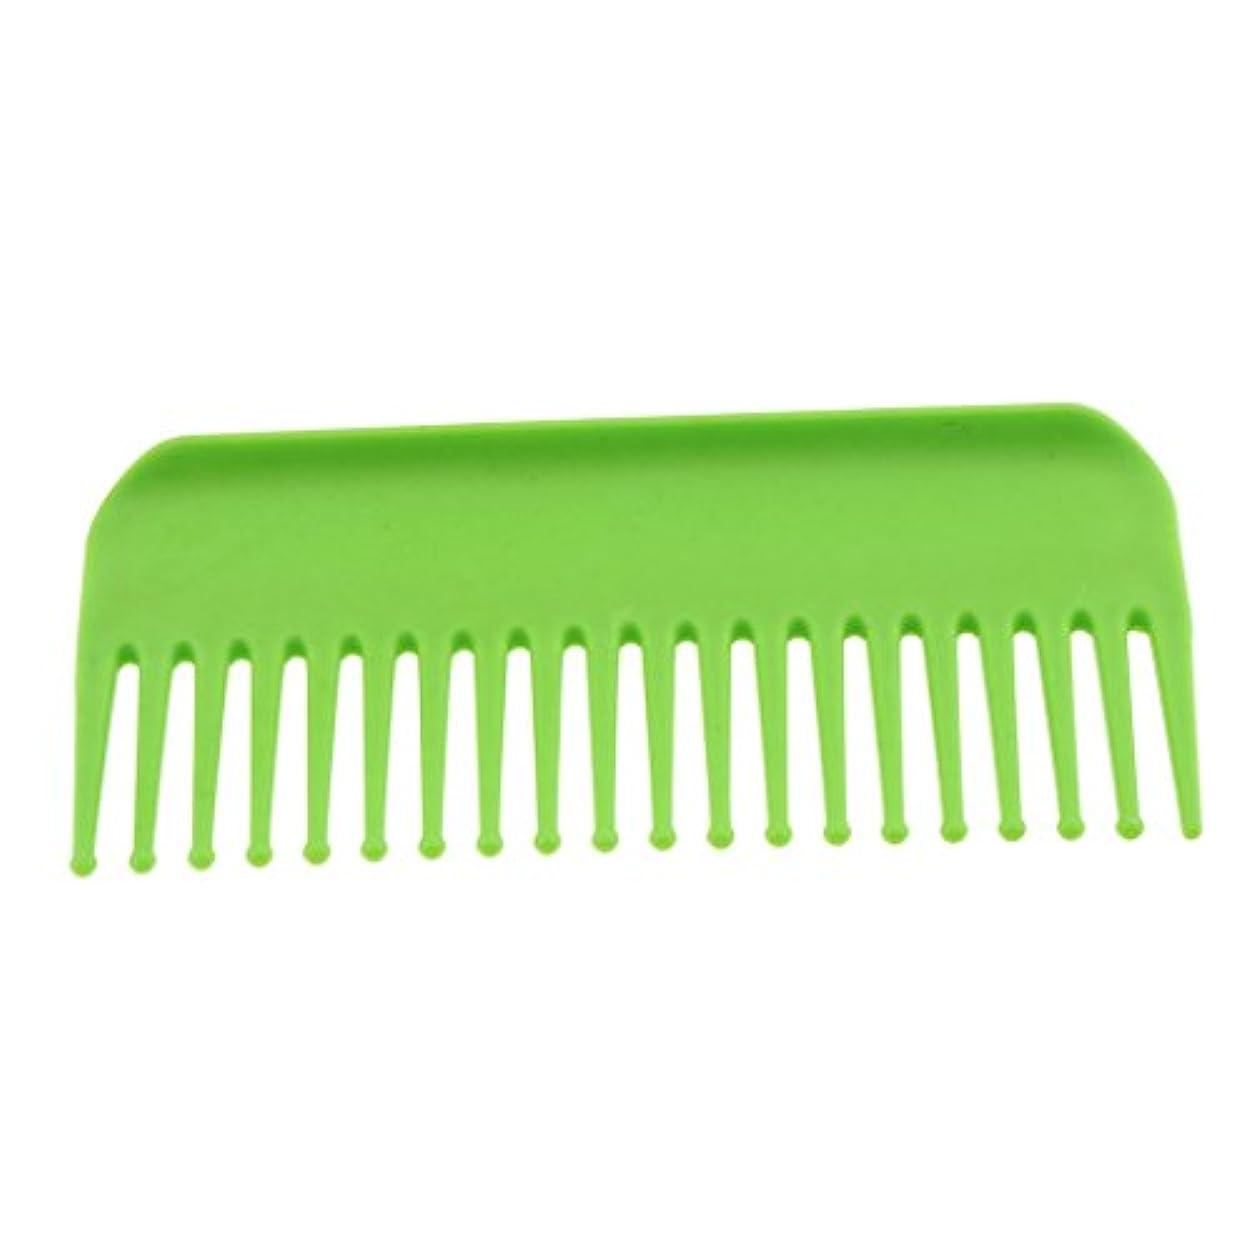 過度にどっちうがいT TOOYFUL サロンヘアケア脱毛ヘアコームヘアブラシスタティックワイド - 緑